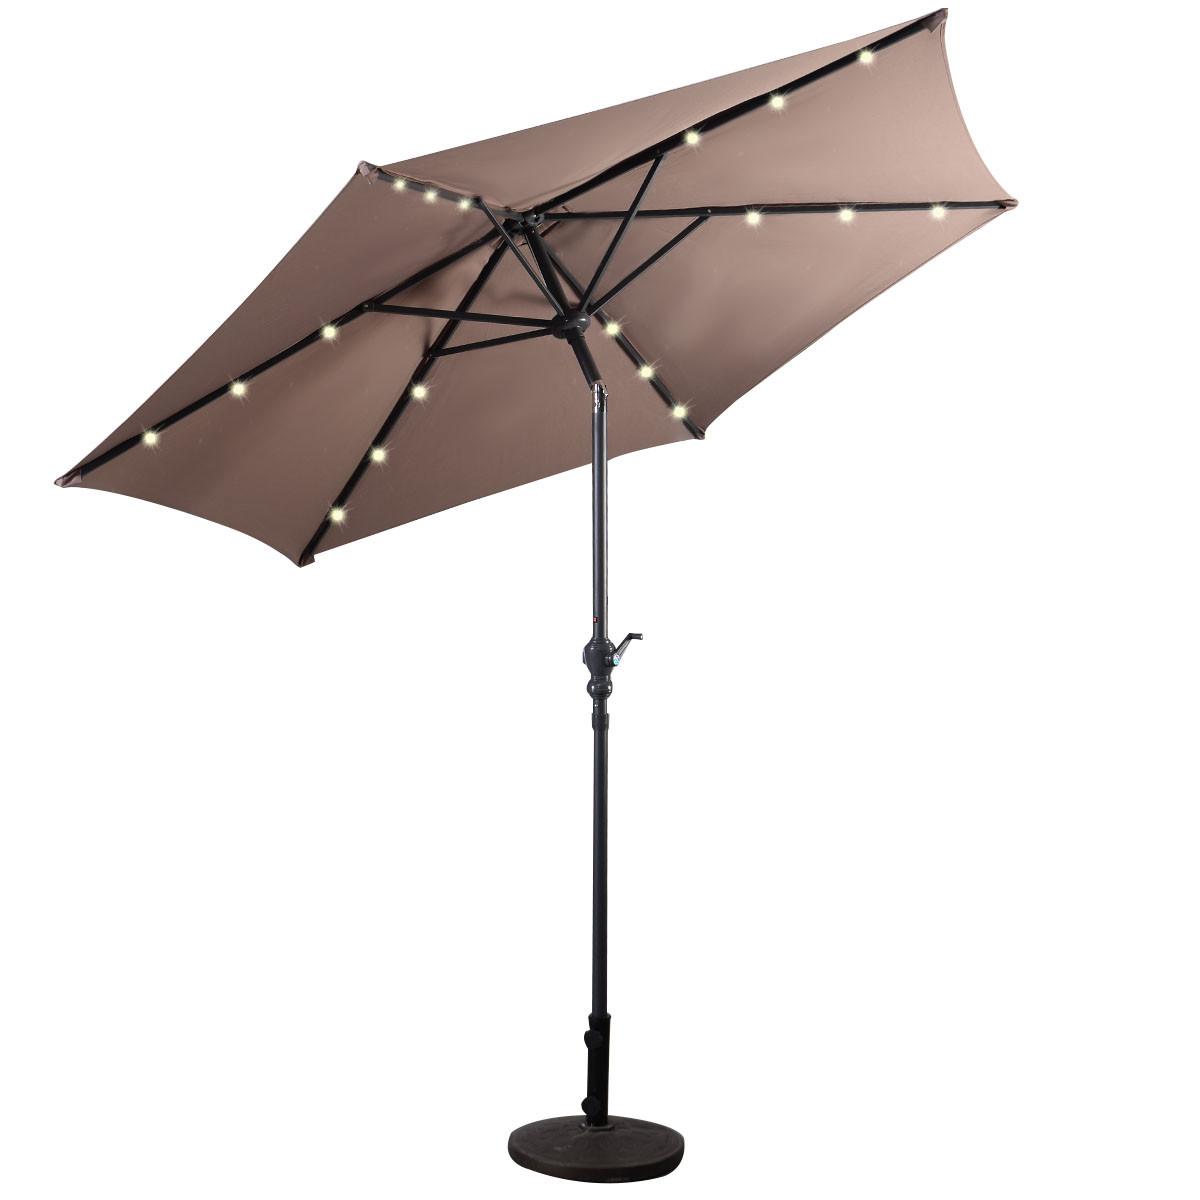 Best ideas about Patio Umbrellas Walmart . Save or Pin Patio Umbrella Lights Walmart pixelmari Now.